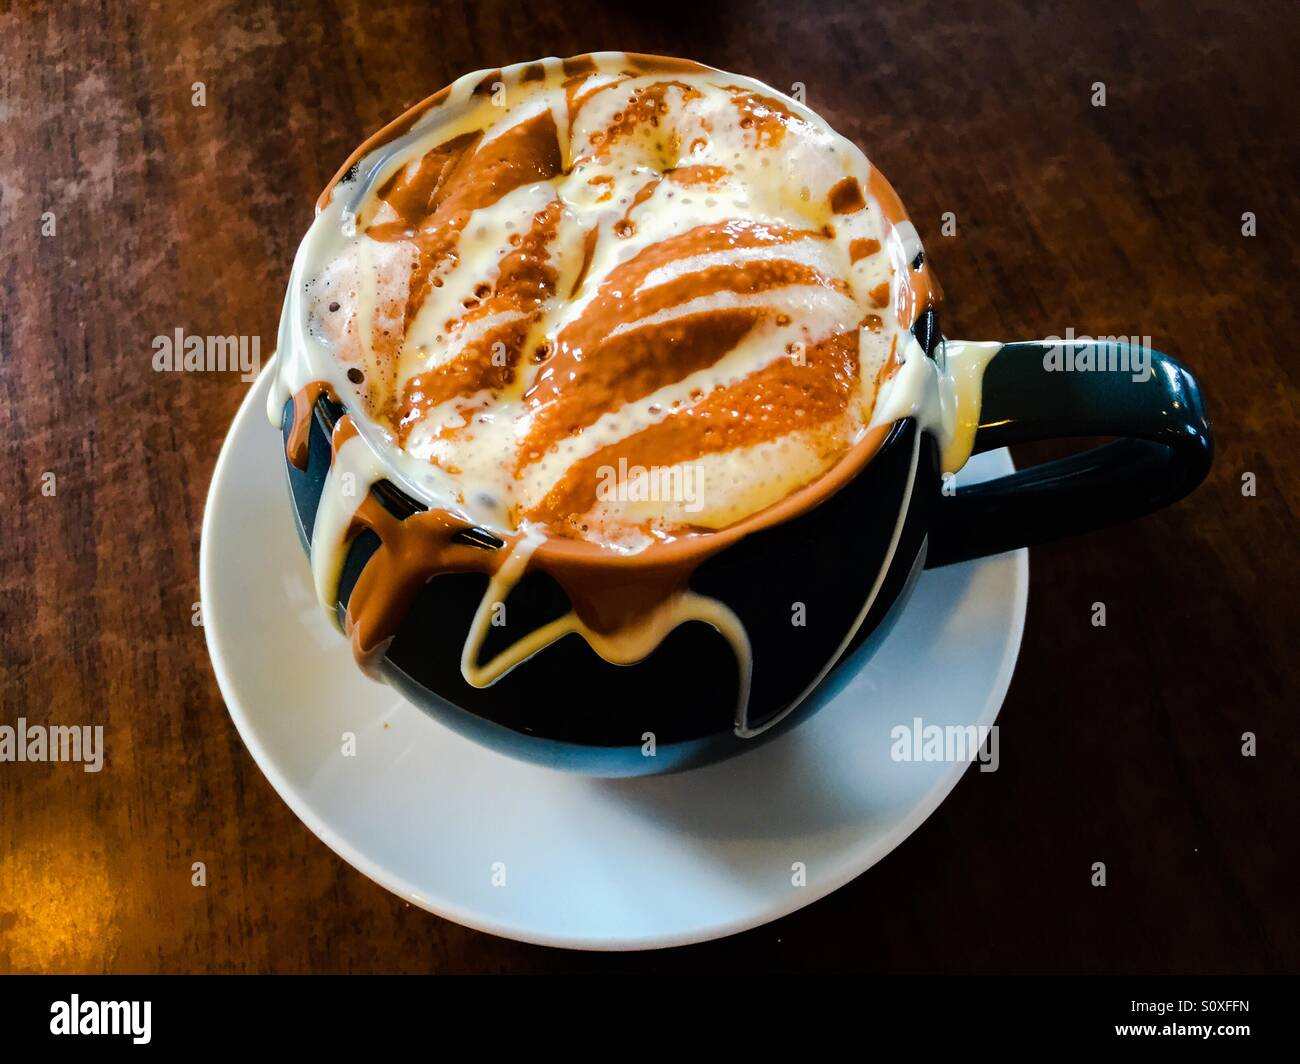 Le meilleur chocolat chaud du monde? Boisson au chocolat fondant, crémeux Photo Stock